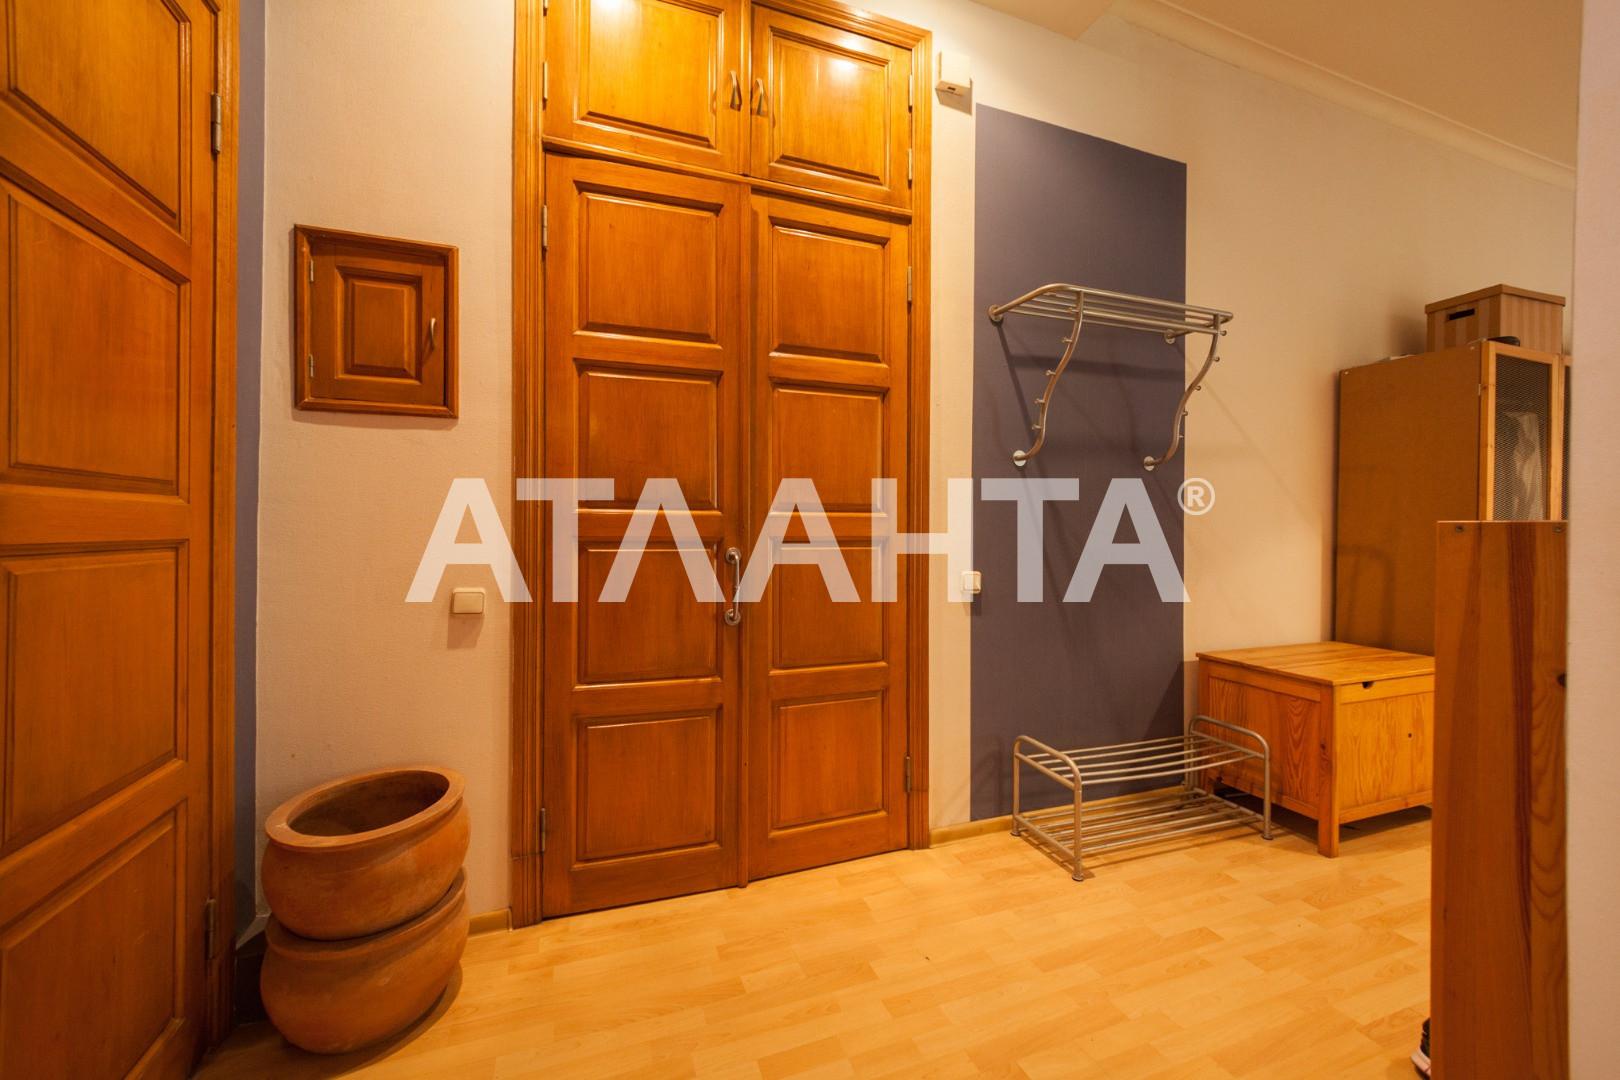 Продается 3-комнатная Квартира на ул. Военный Сп. (Жанны Лябурб Сп.) — 95 000 у.е. (фото №4)